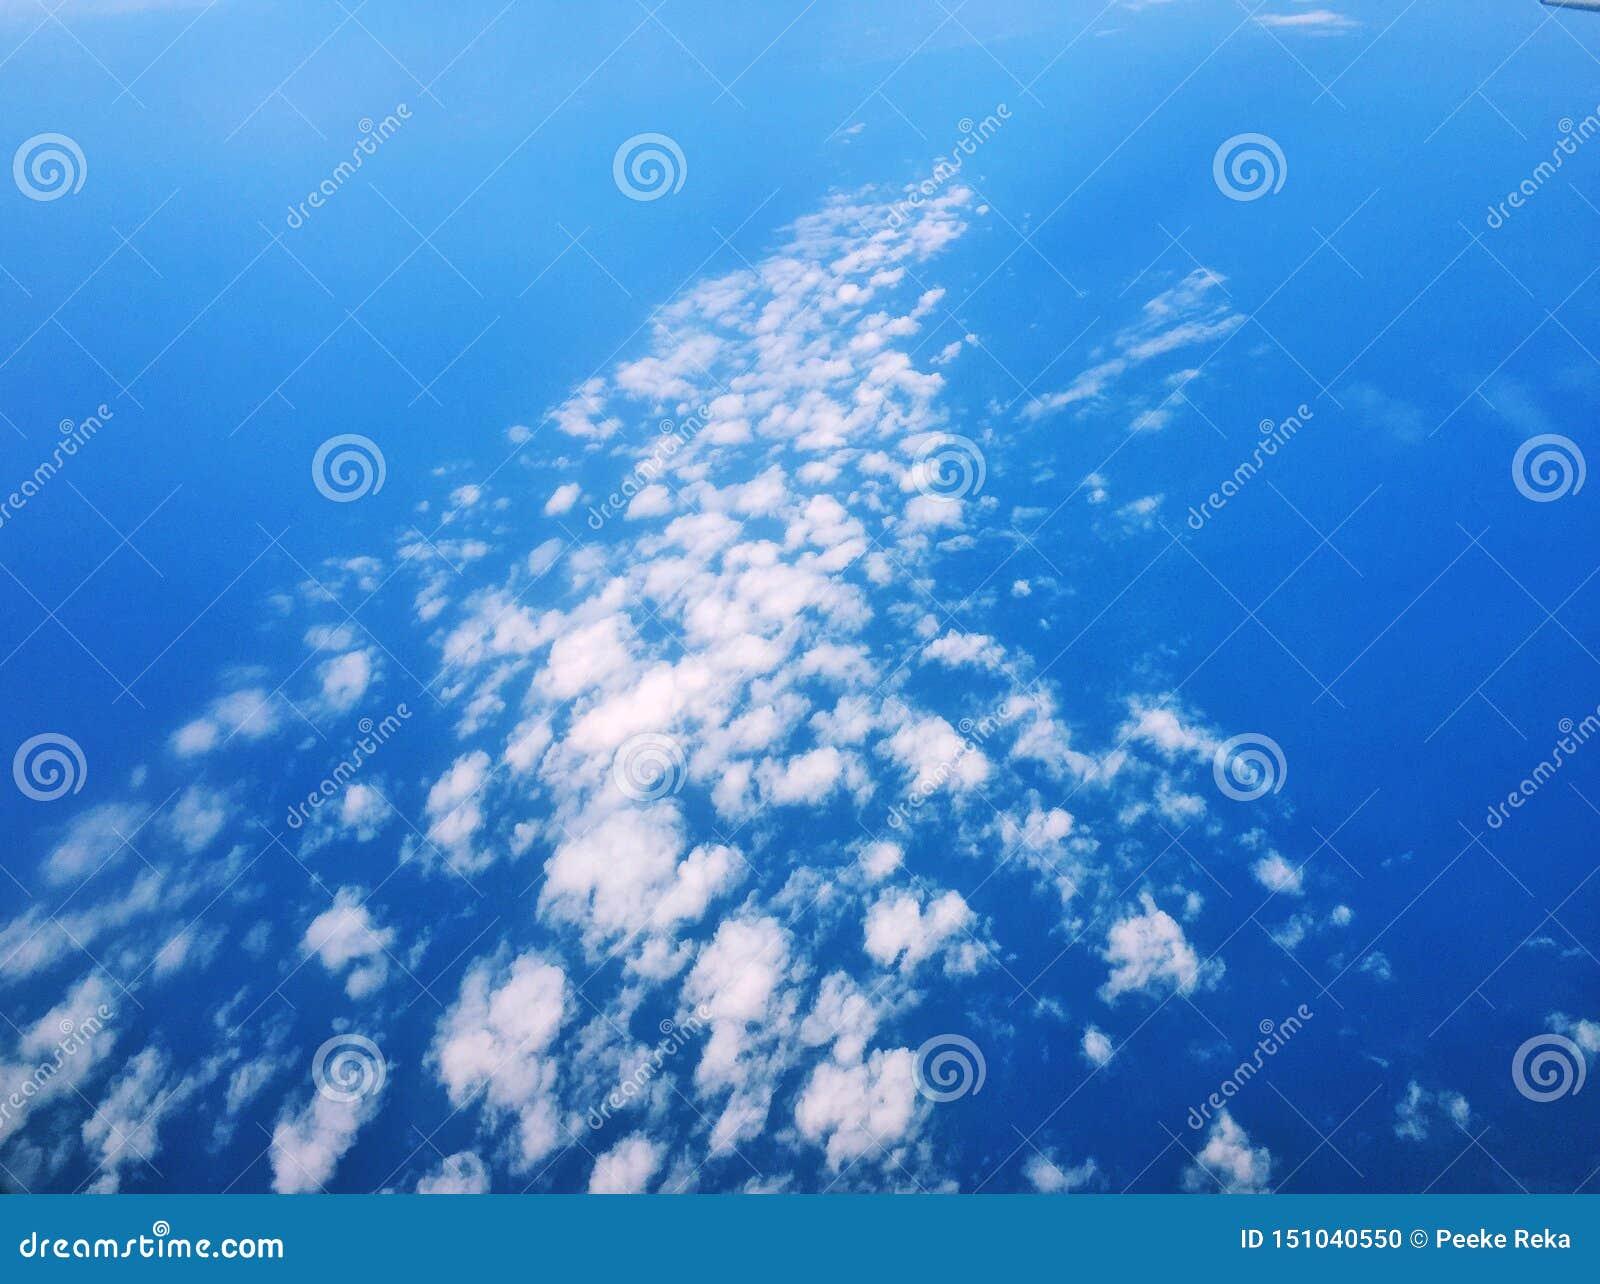 Bluen clouds skywhite